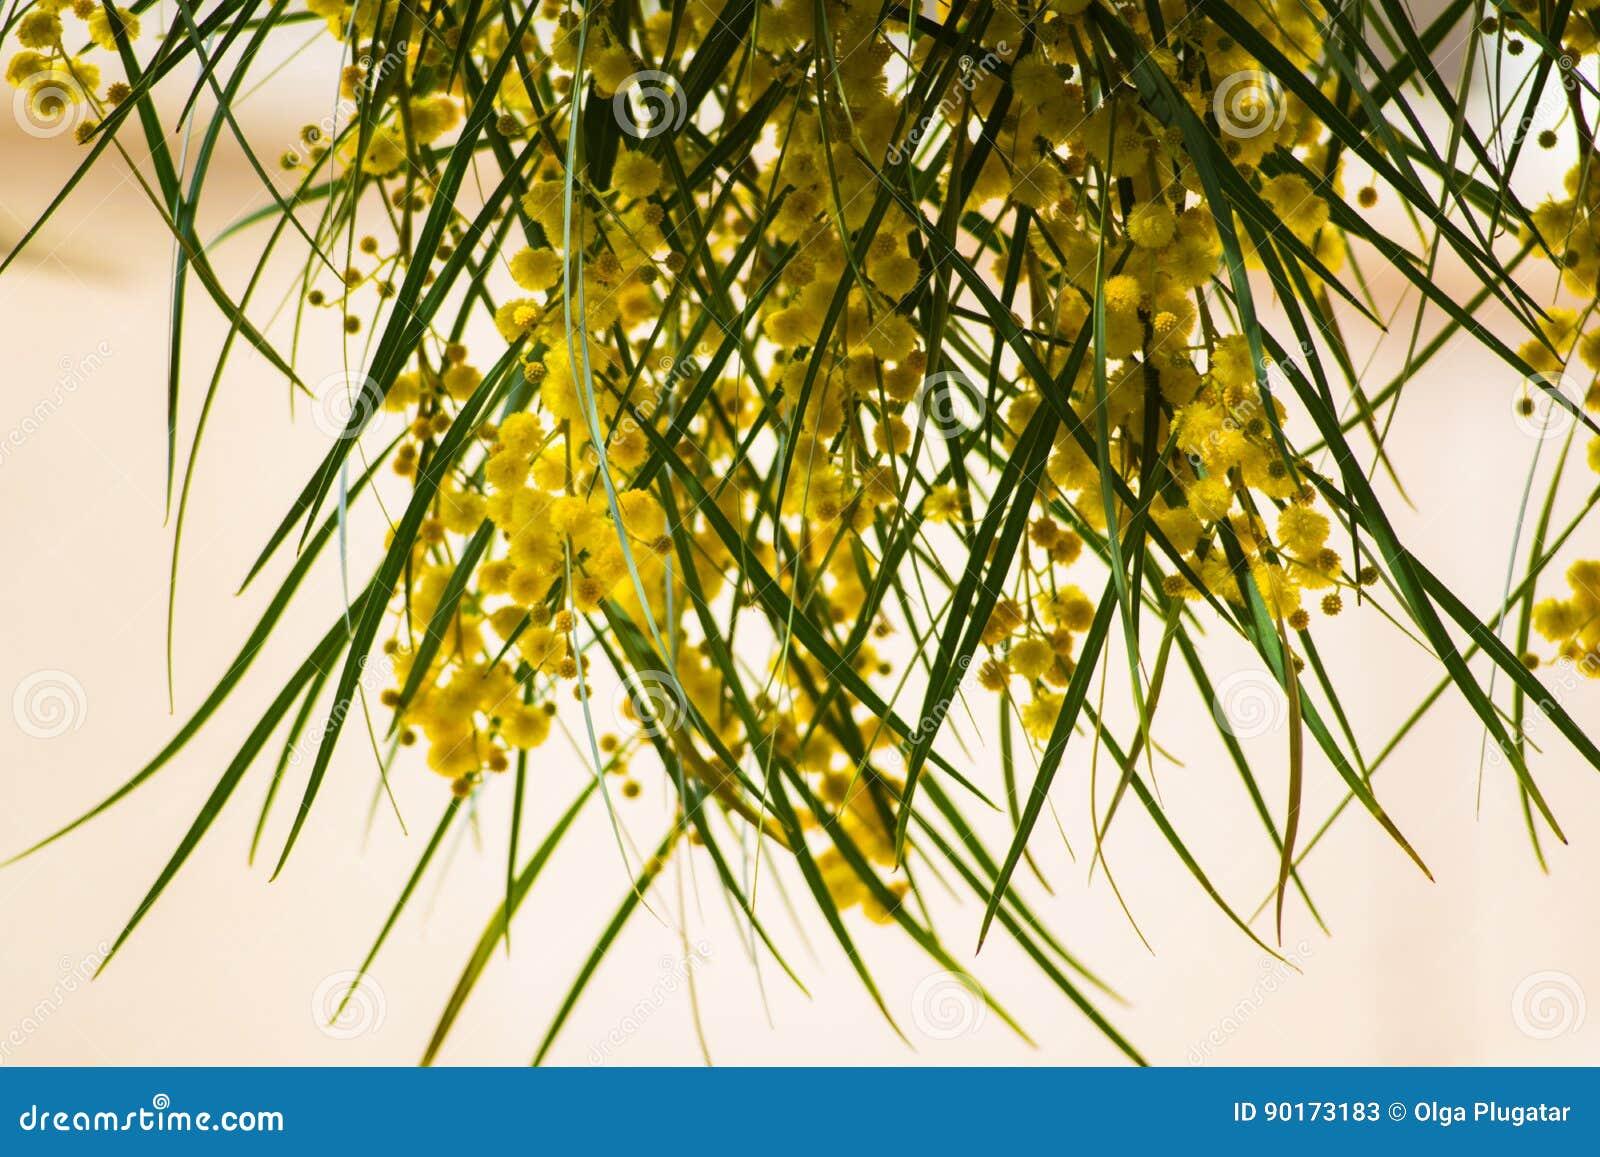 Floraison Du Pycnantha D Acacia D Arbre De Mimosa Fin D Acacia D Or